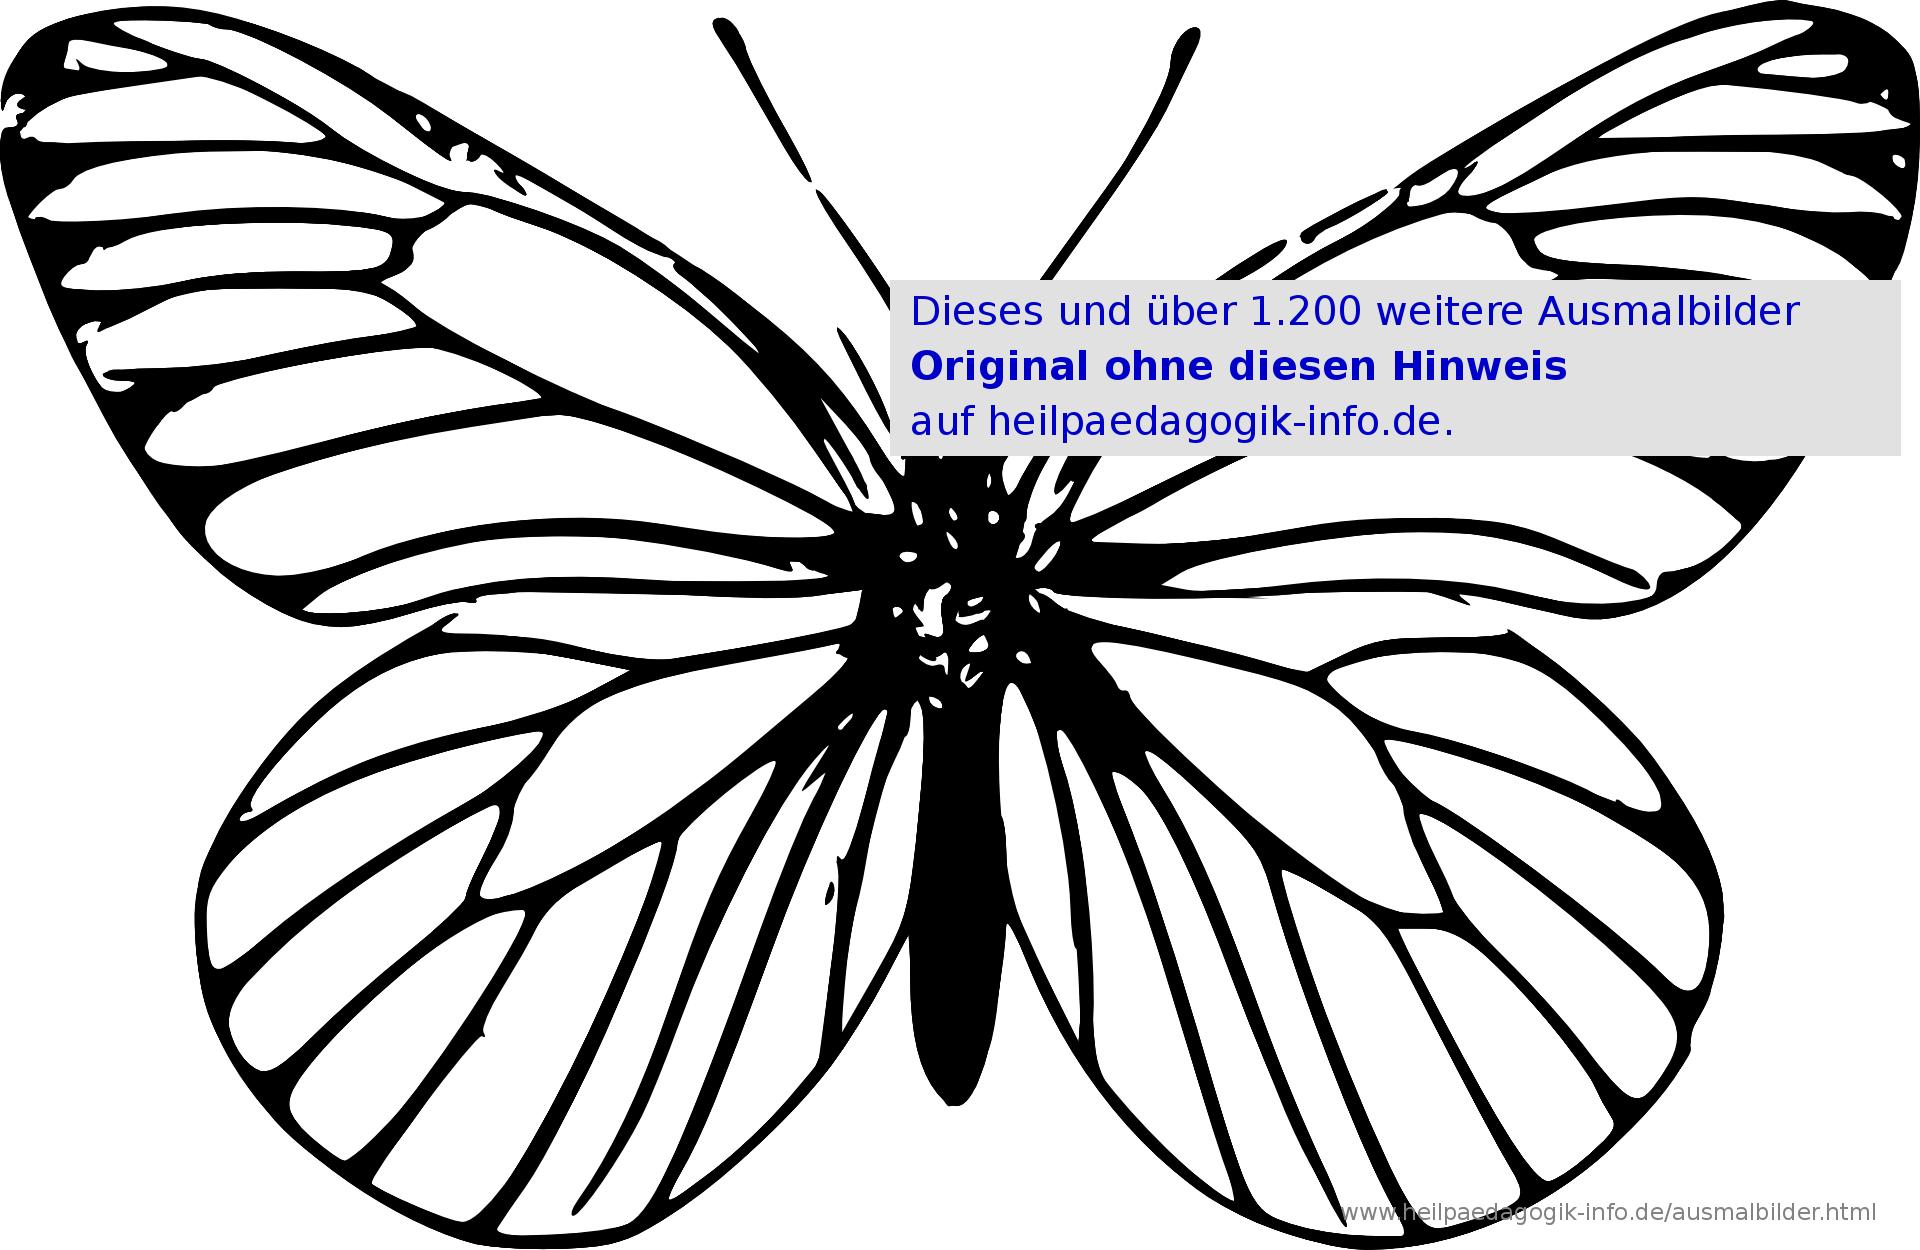 Ausmalbilder Käfer, Schmetterlinge, Insekten in Kostenlose Malvorlage Schmetterling